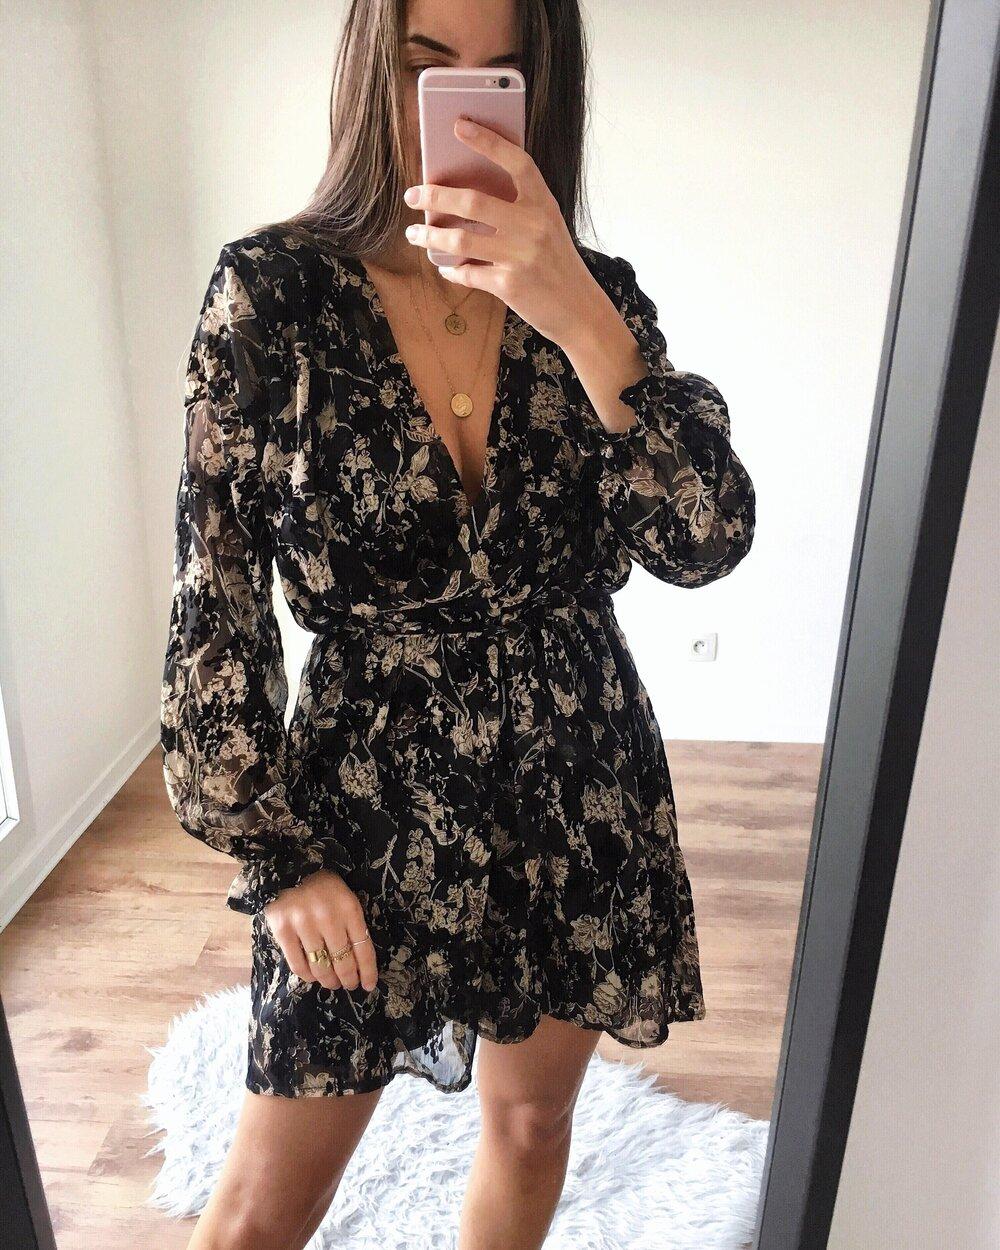 Robe Fleurie Noire Beige Les Vetements Branches De Paris